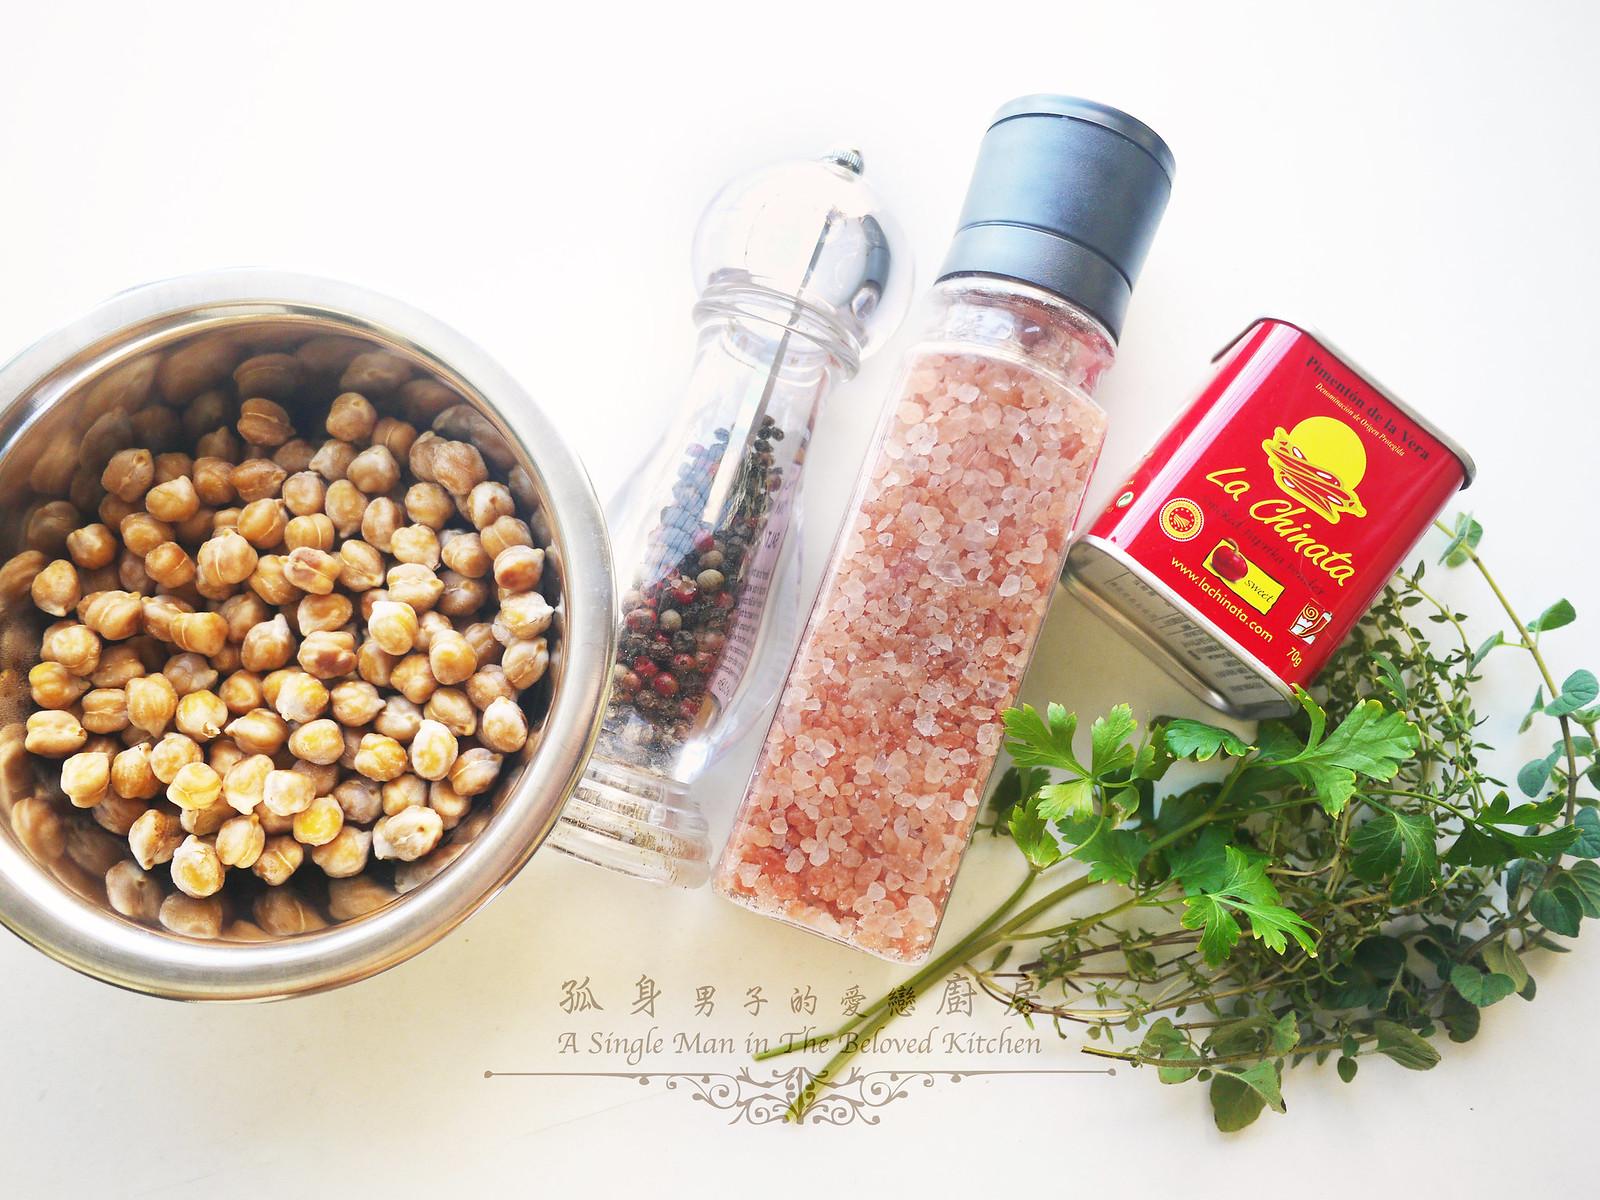 孤身廚房-香料煙燻鹽烤鷹嘴豆2